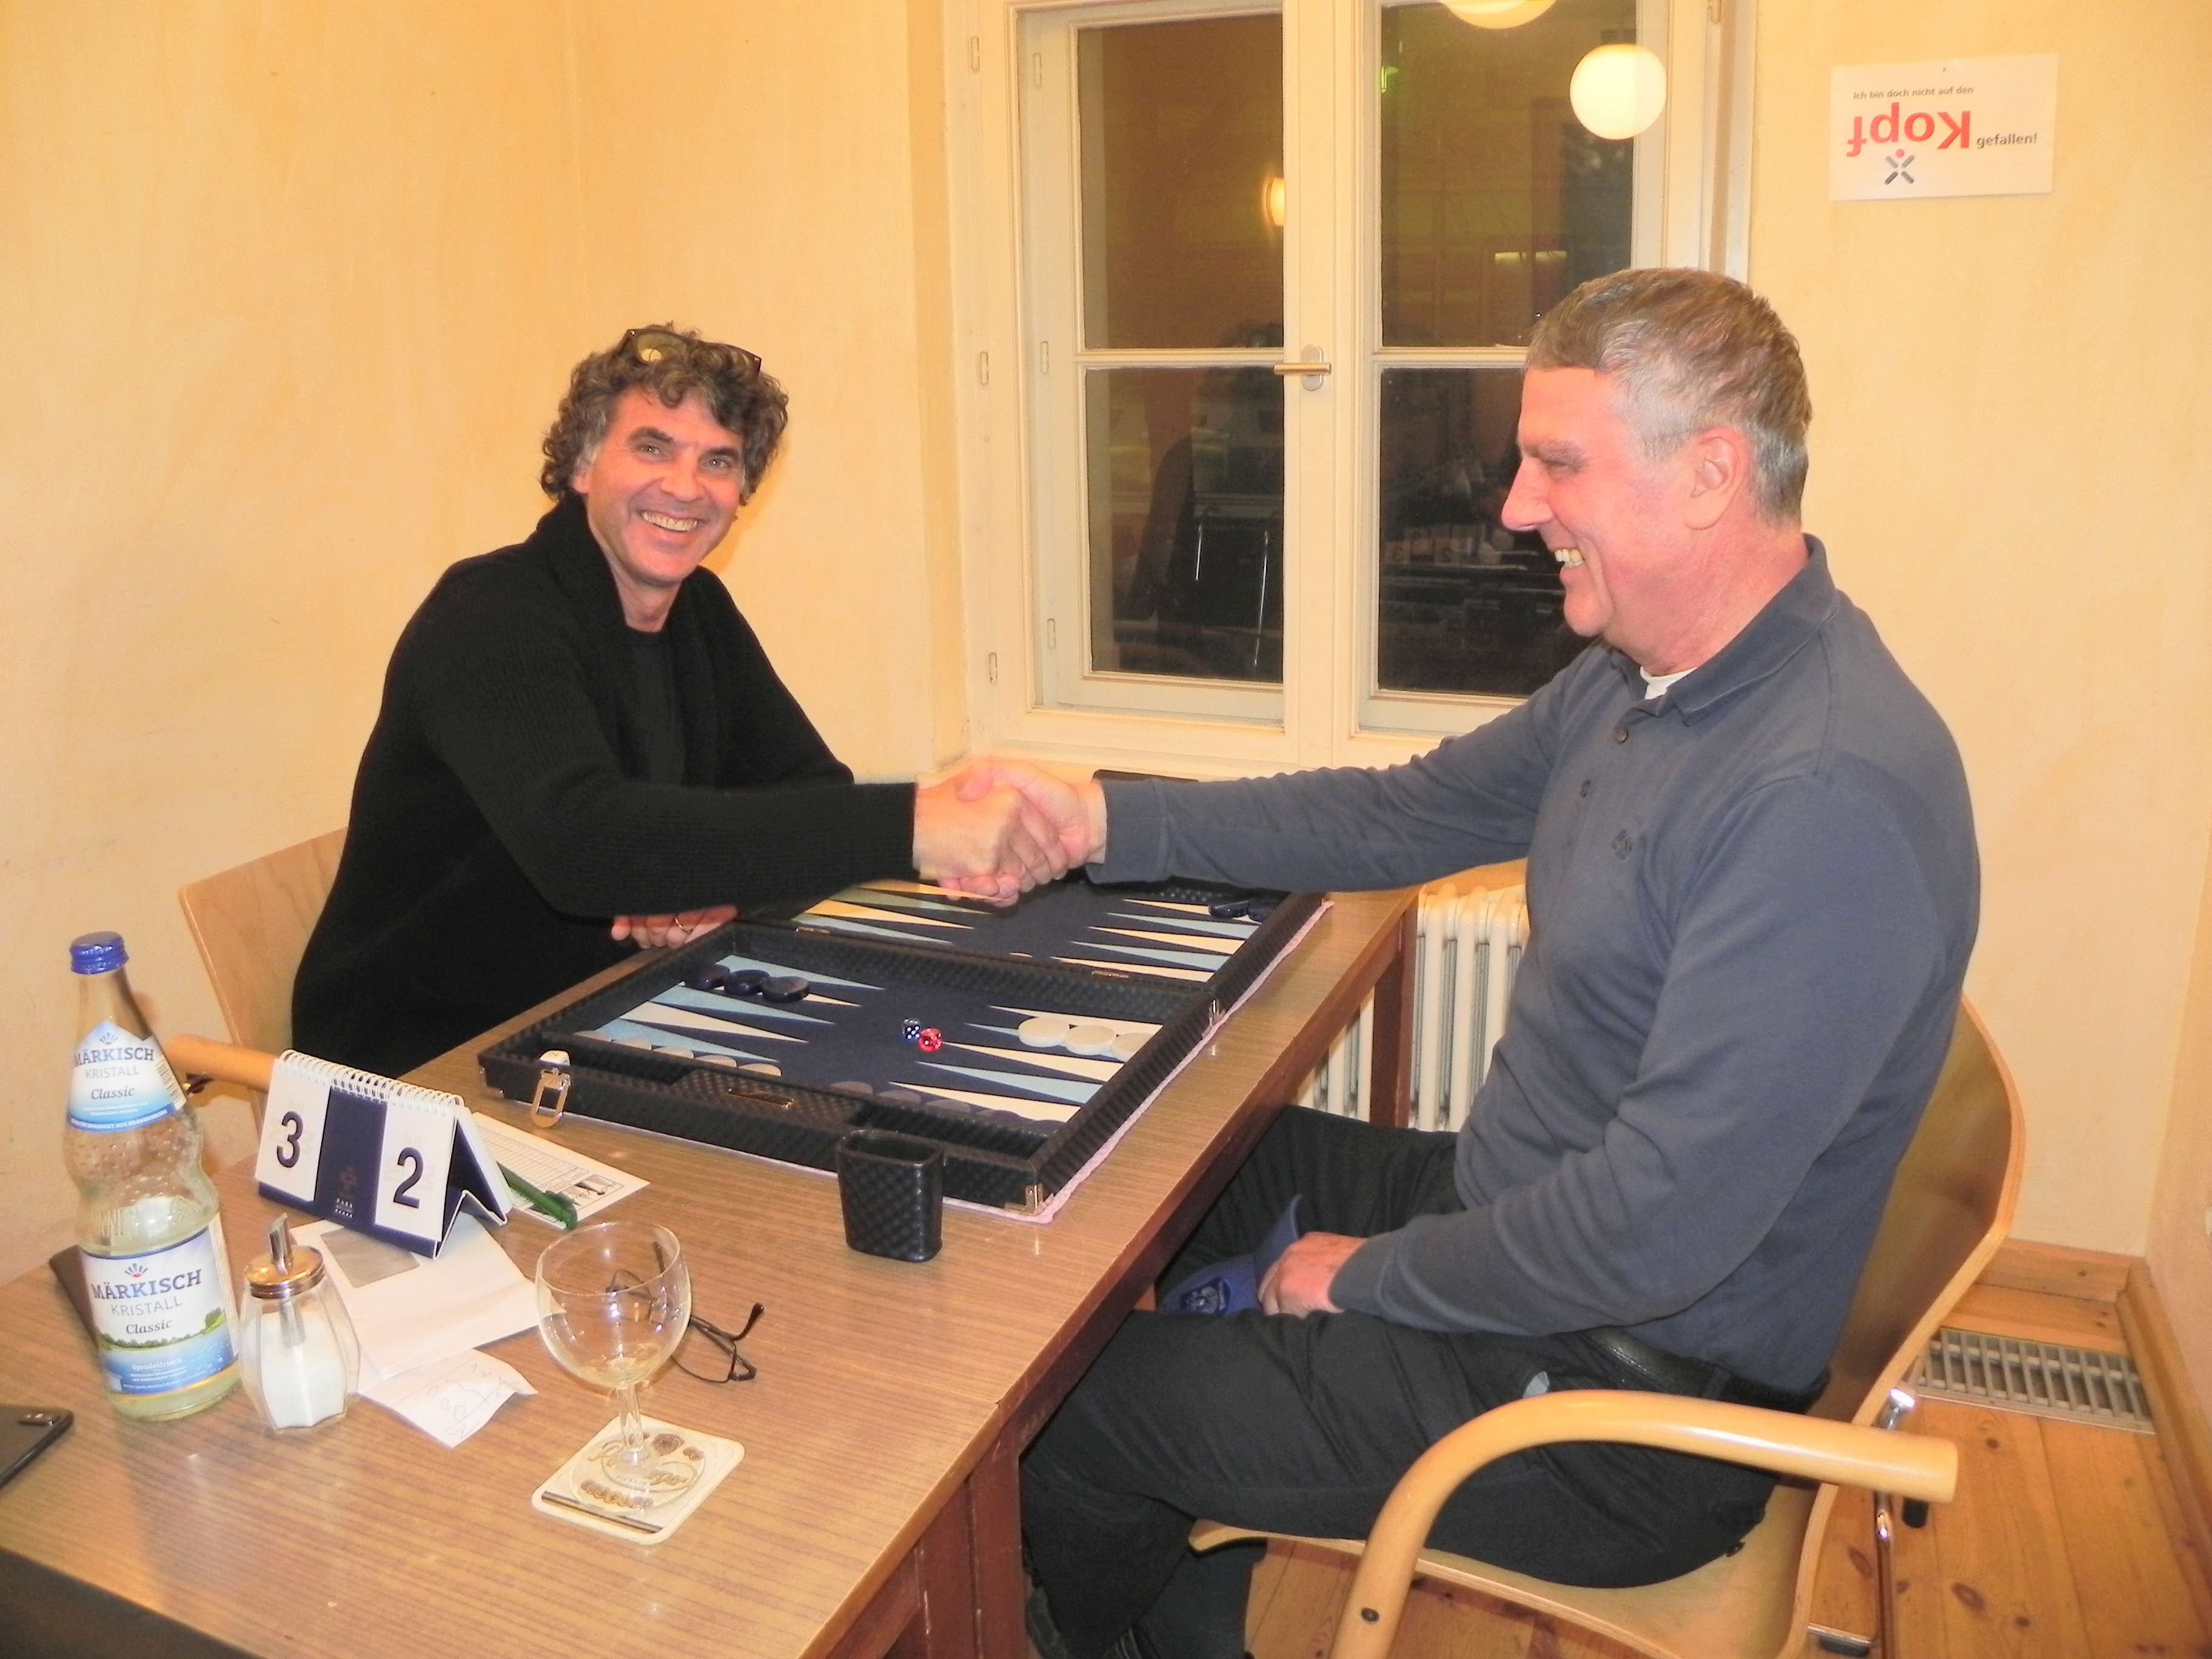 bericht vom februarturnier von berlin backgammon. Black Bedroom Furniture Sets. Home Design Ideas